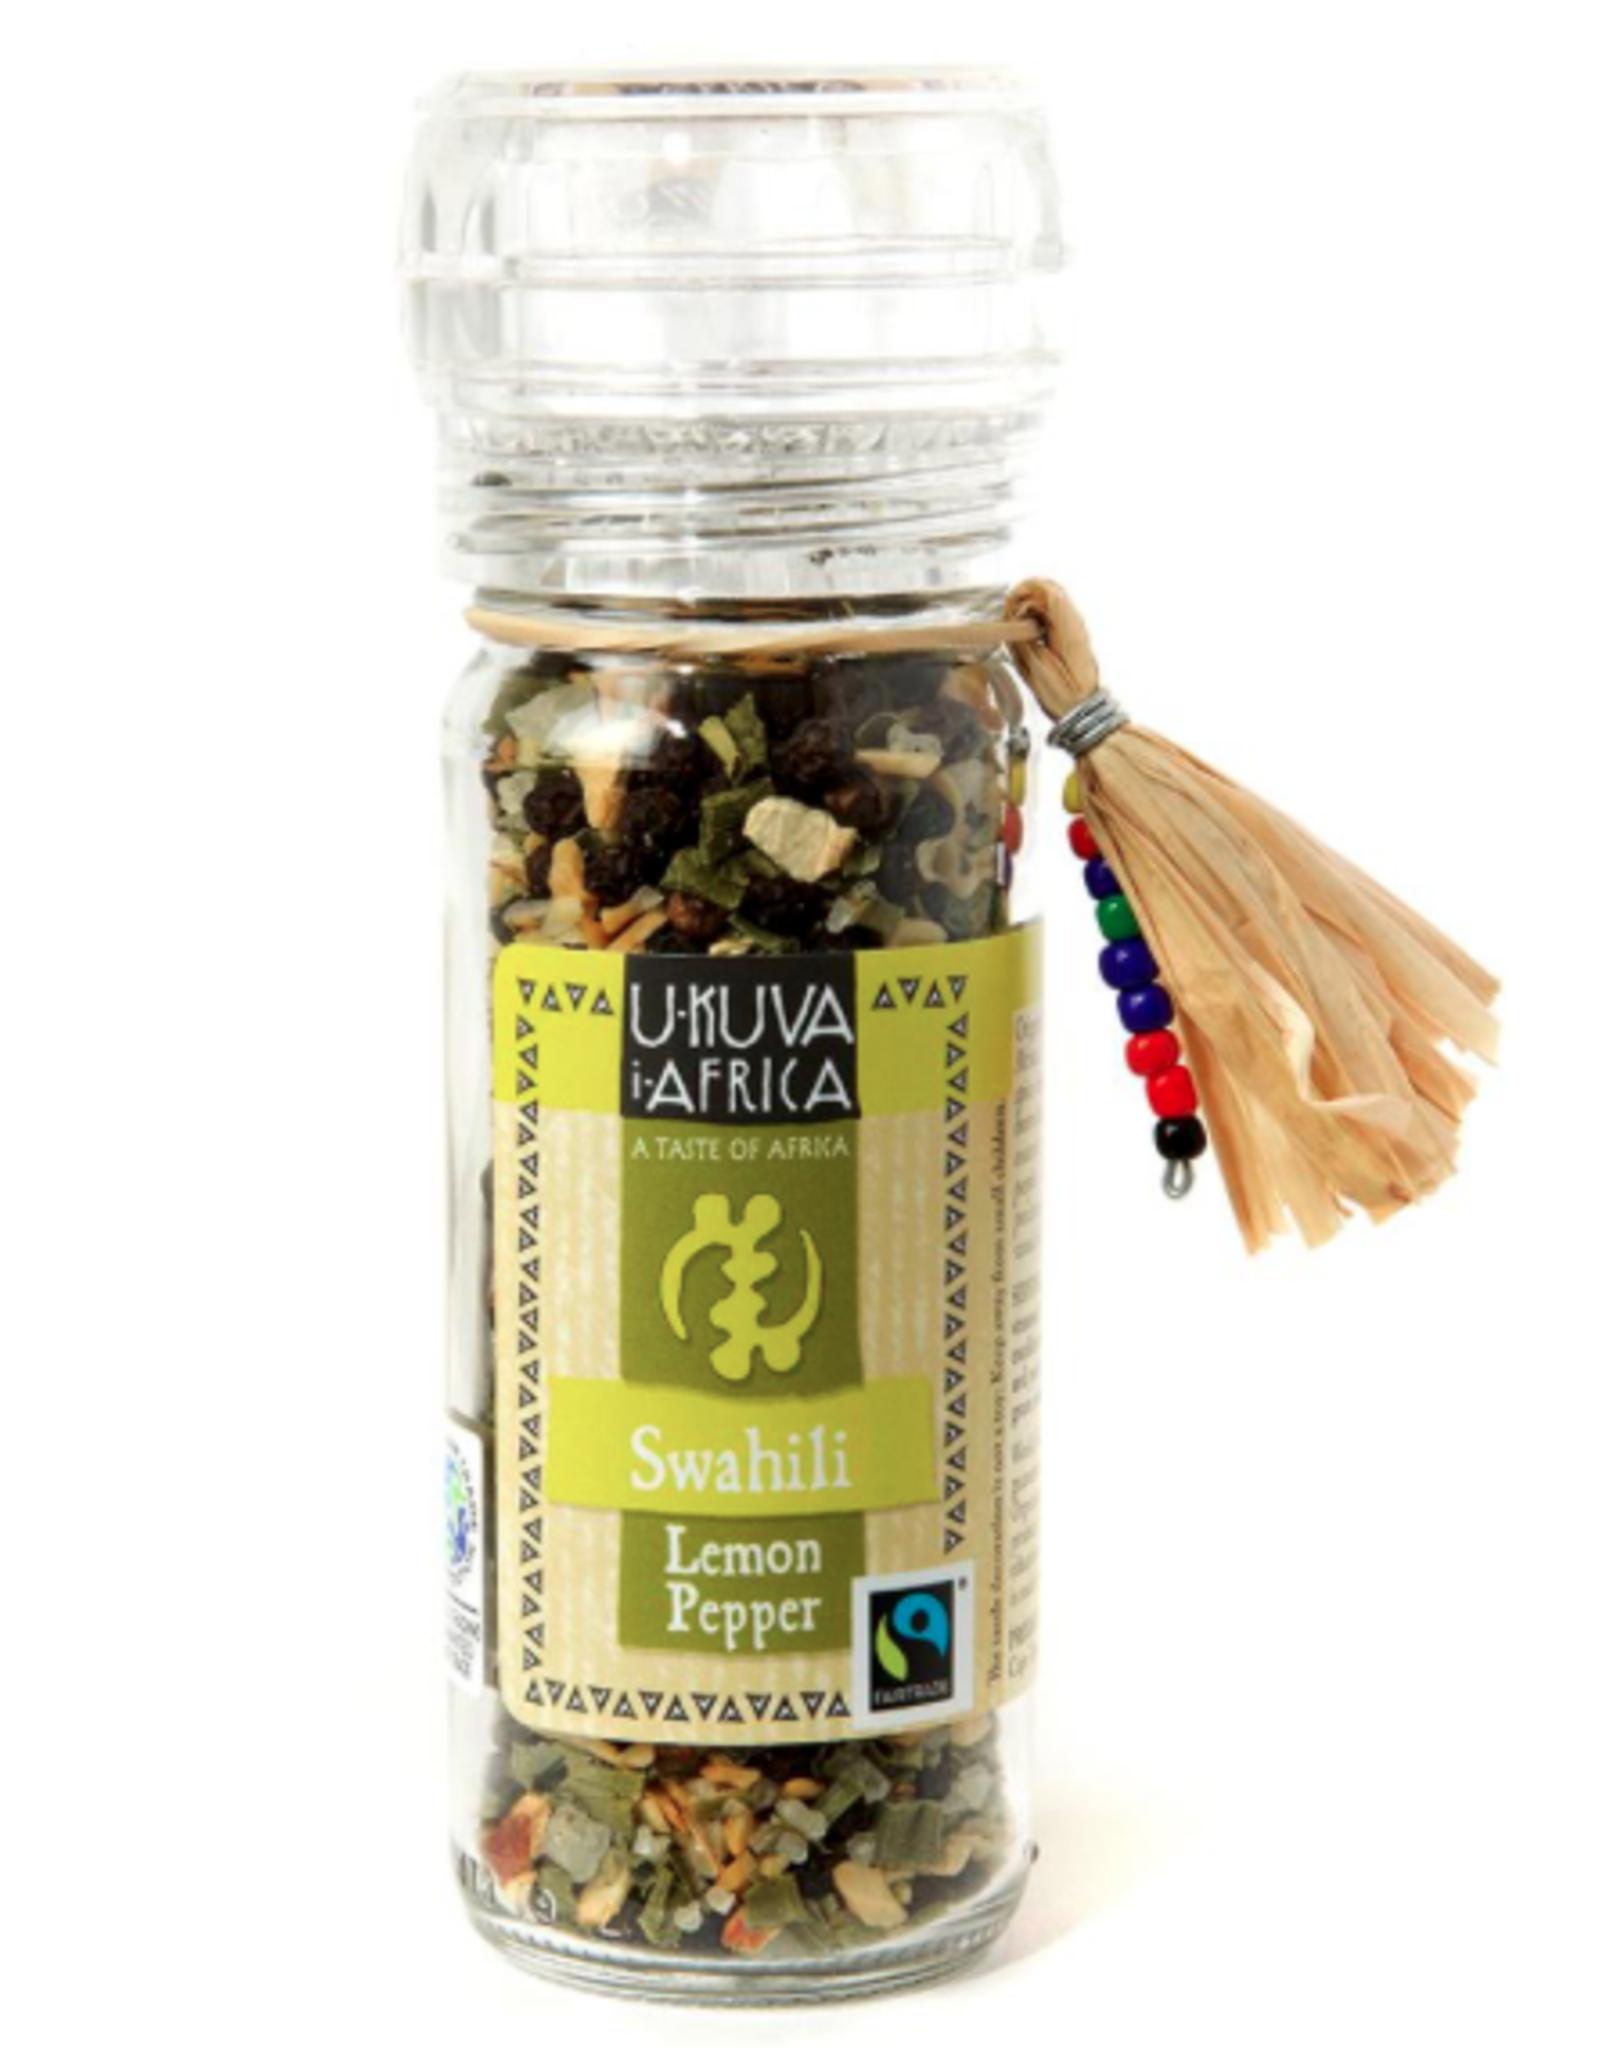 Swahili Lemon Pepper Spice Grinder